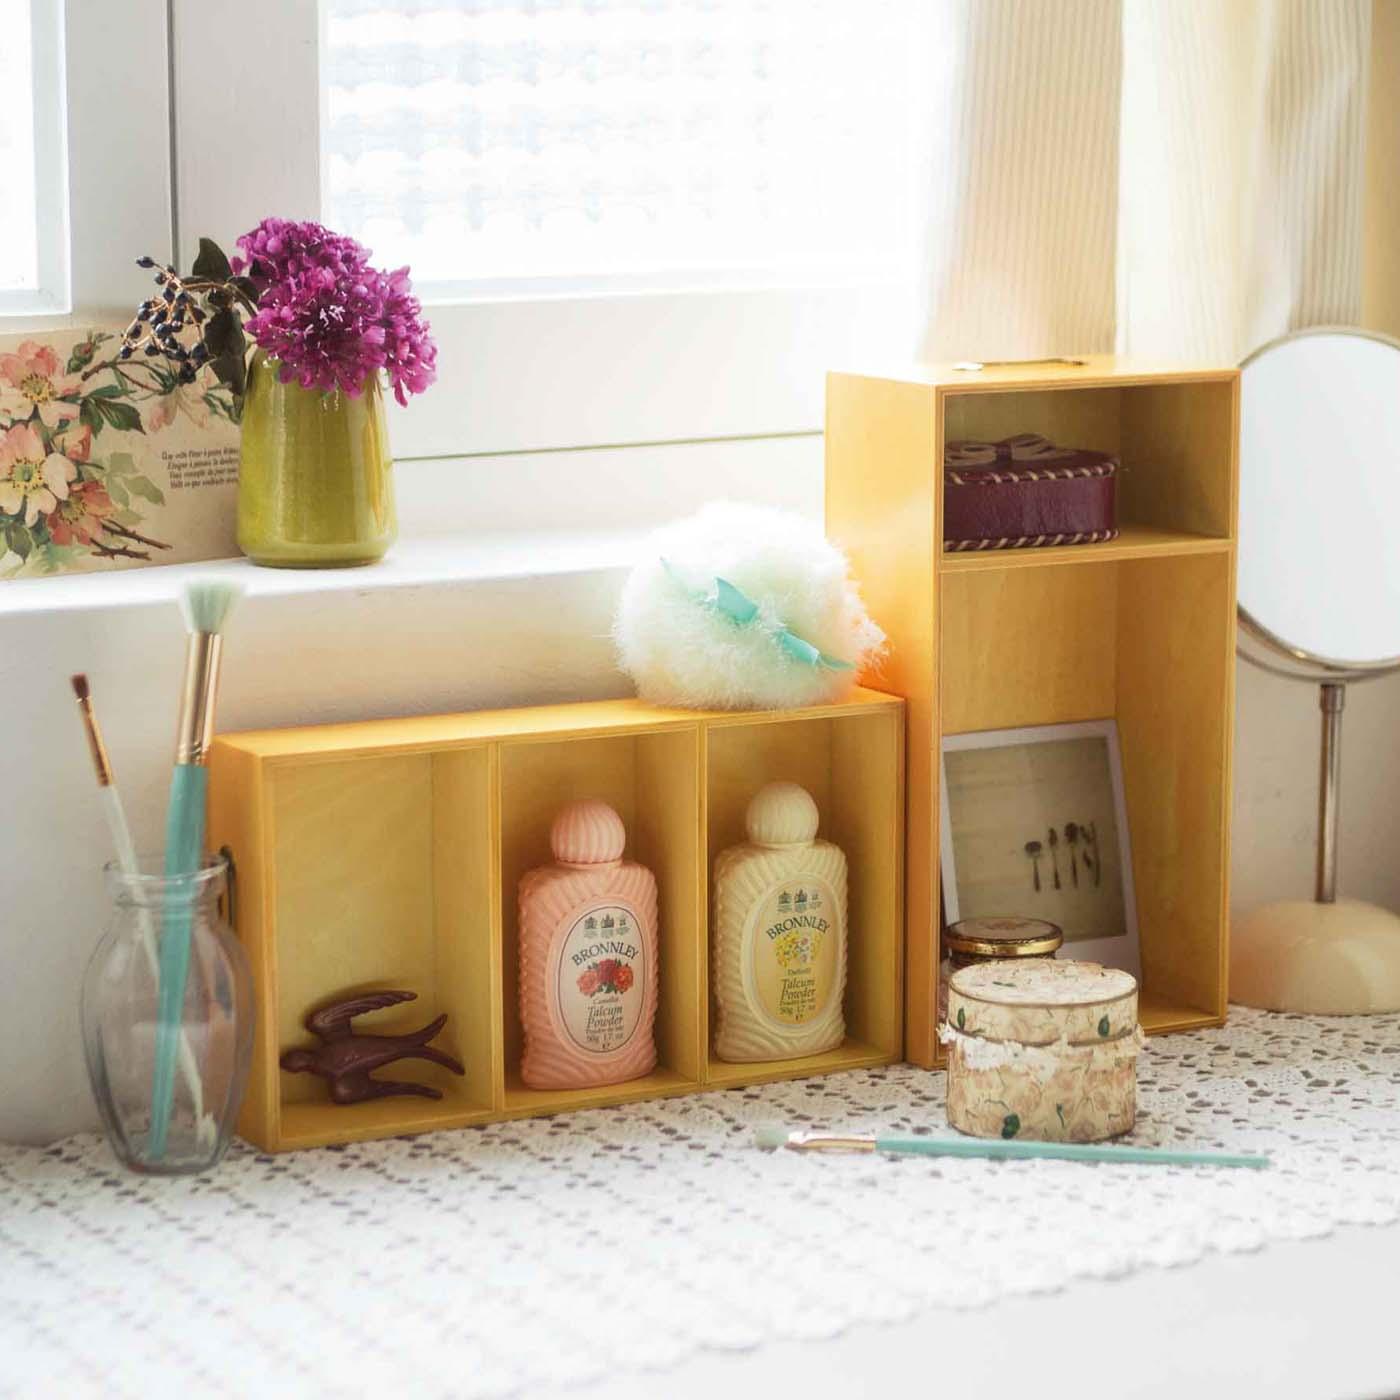 仕切りトレイを立てて、かわいい小物をディスプレイできる飾り棚風に。自分だけのお気に入りコーナーのできあがり。